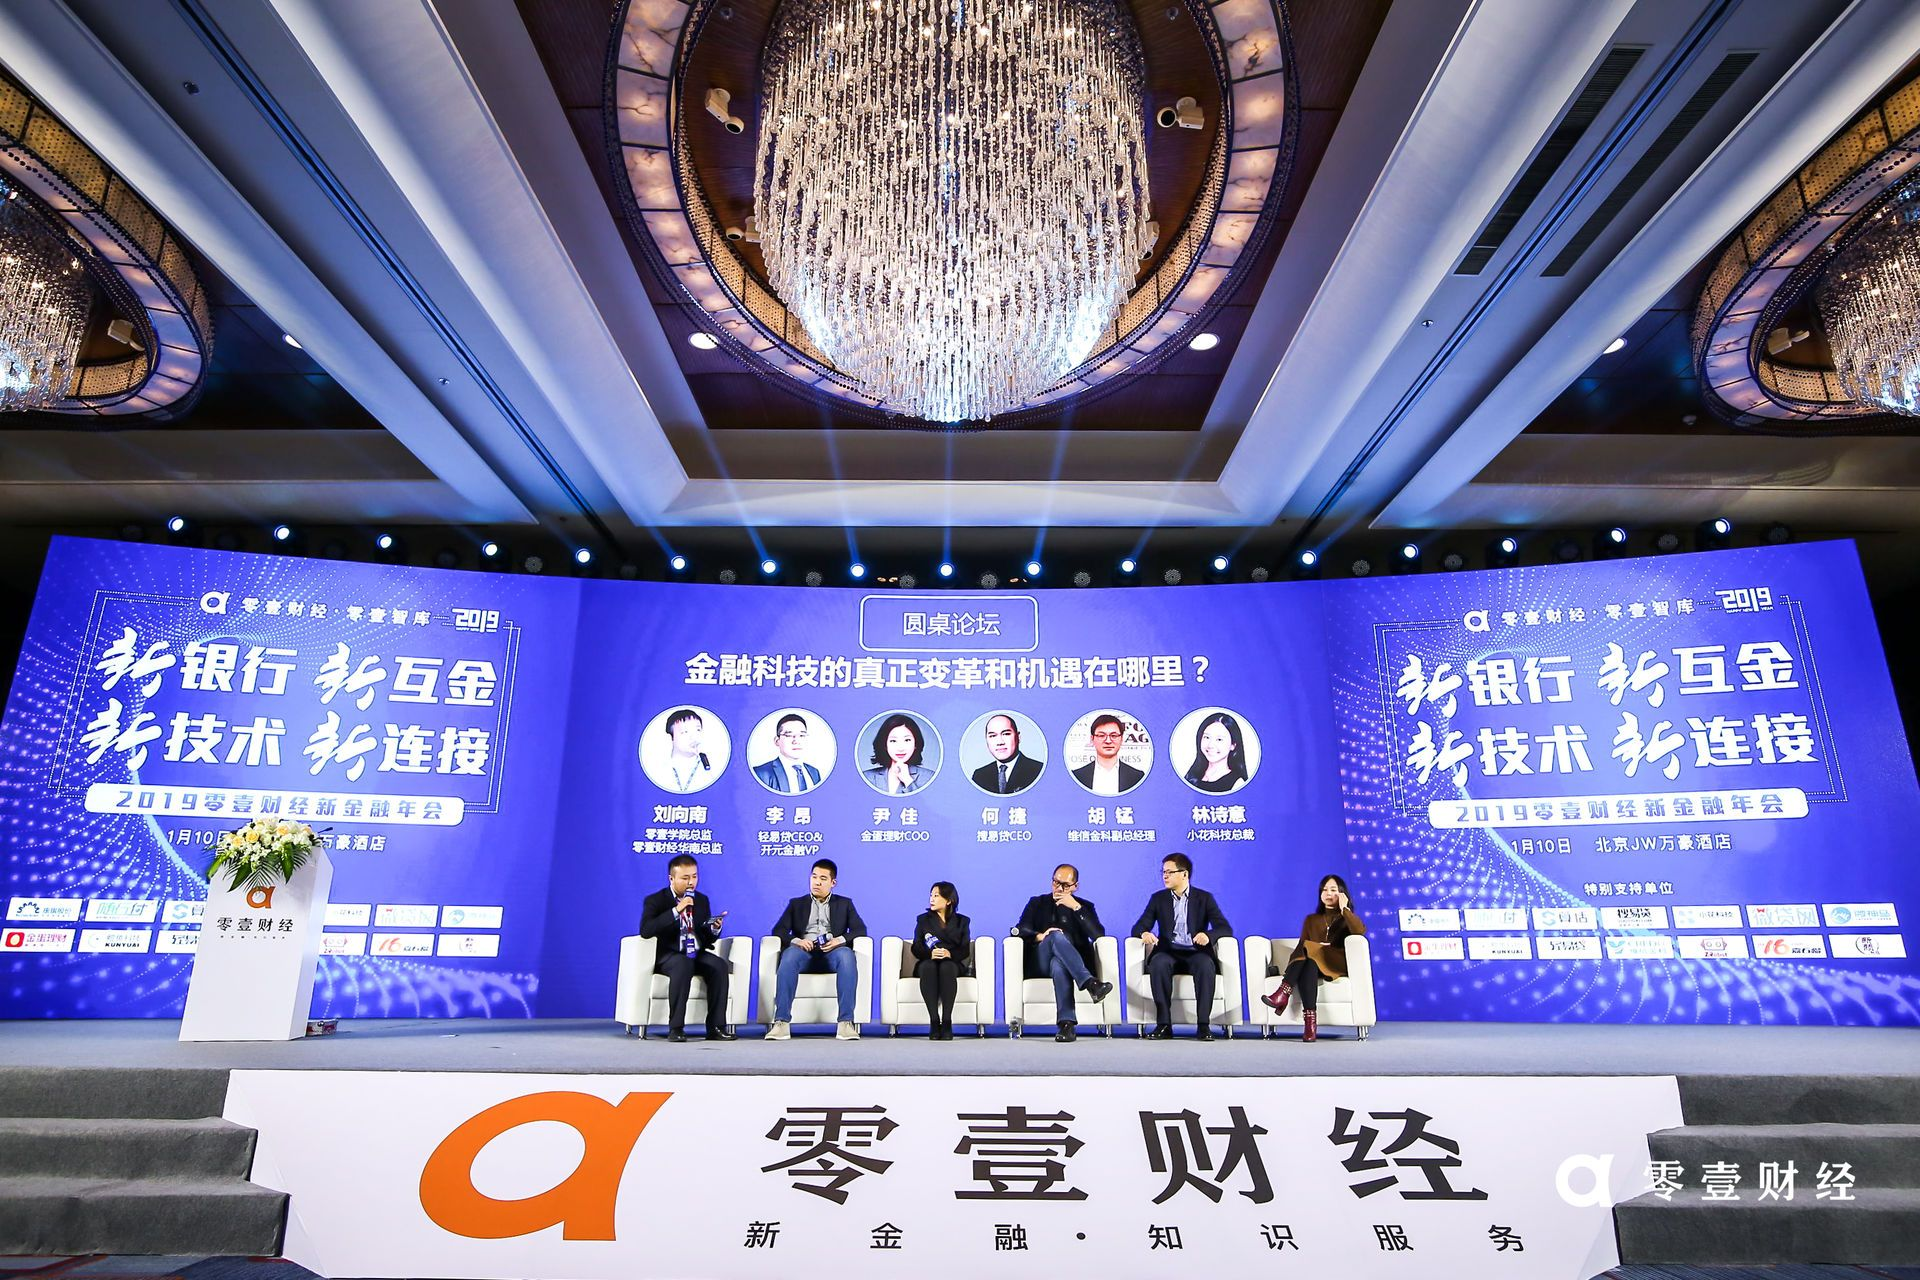 零壹财经·零壹智库2019新金融年会:金融科技的真正变革和机遇在哪里?